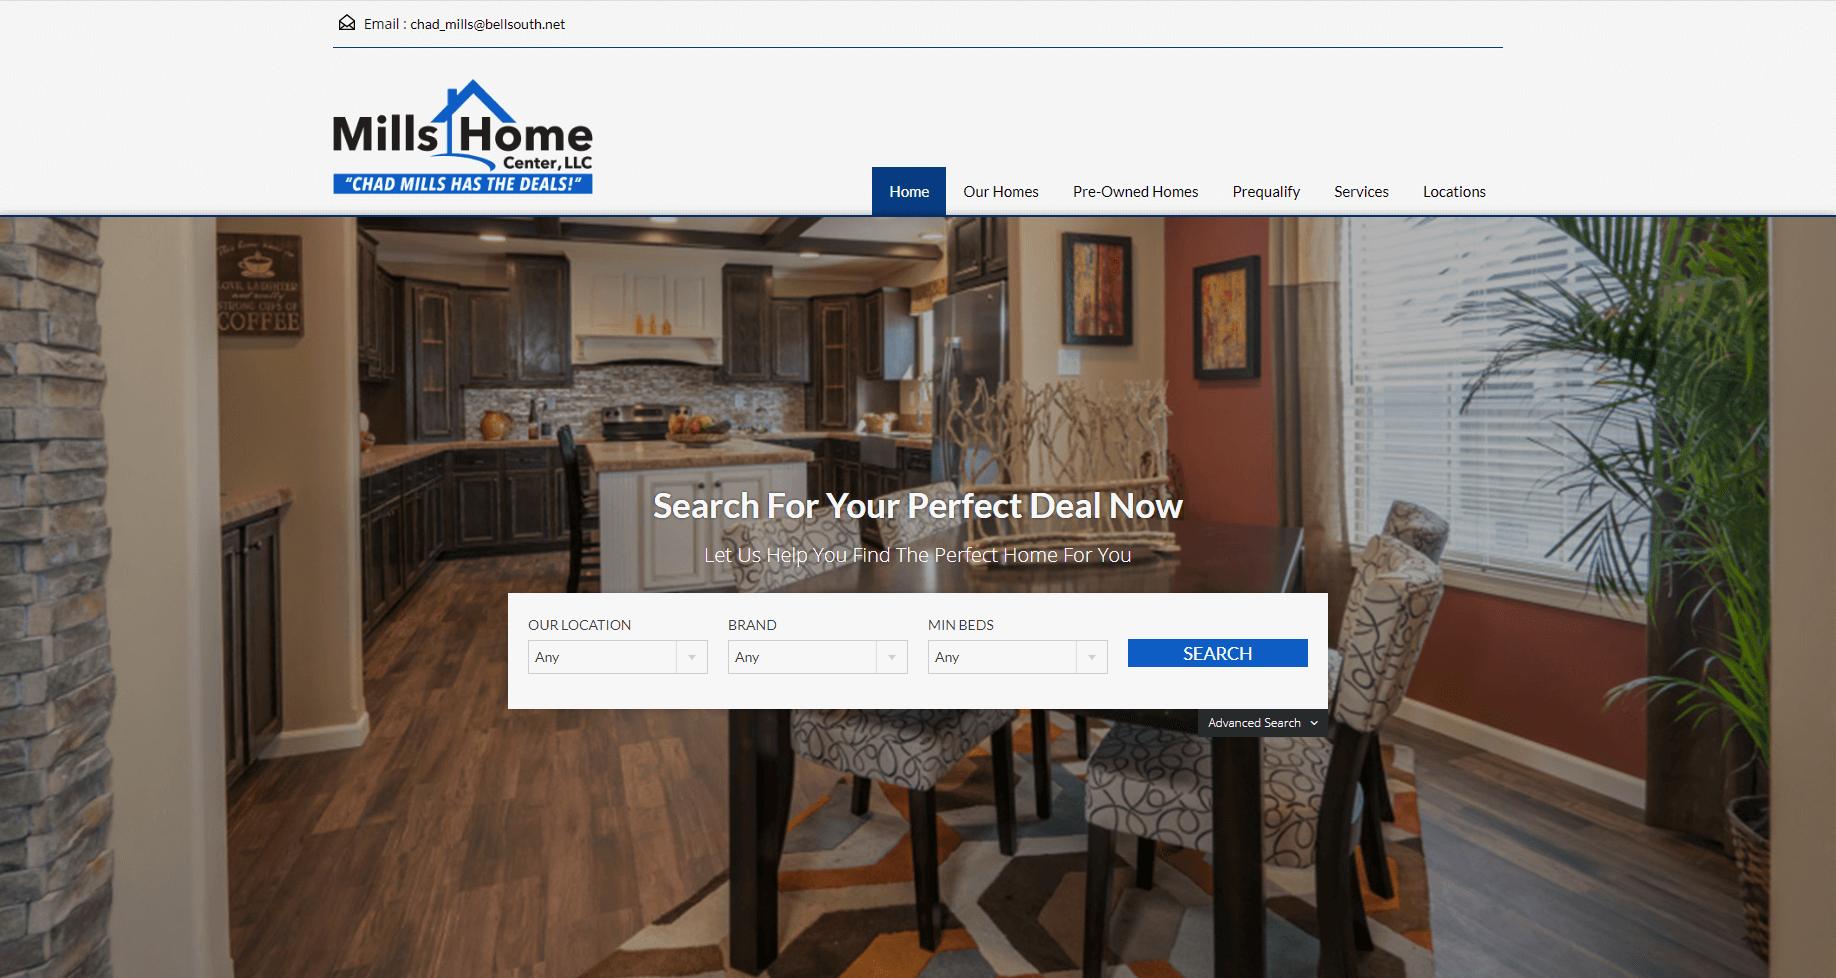 real estate website design - Mills Home Center